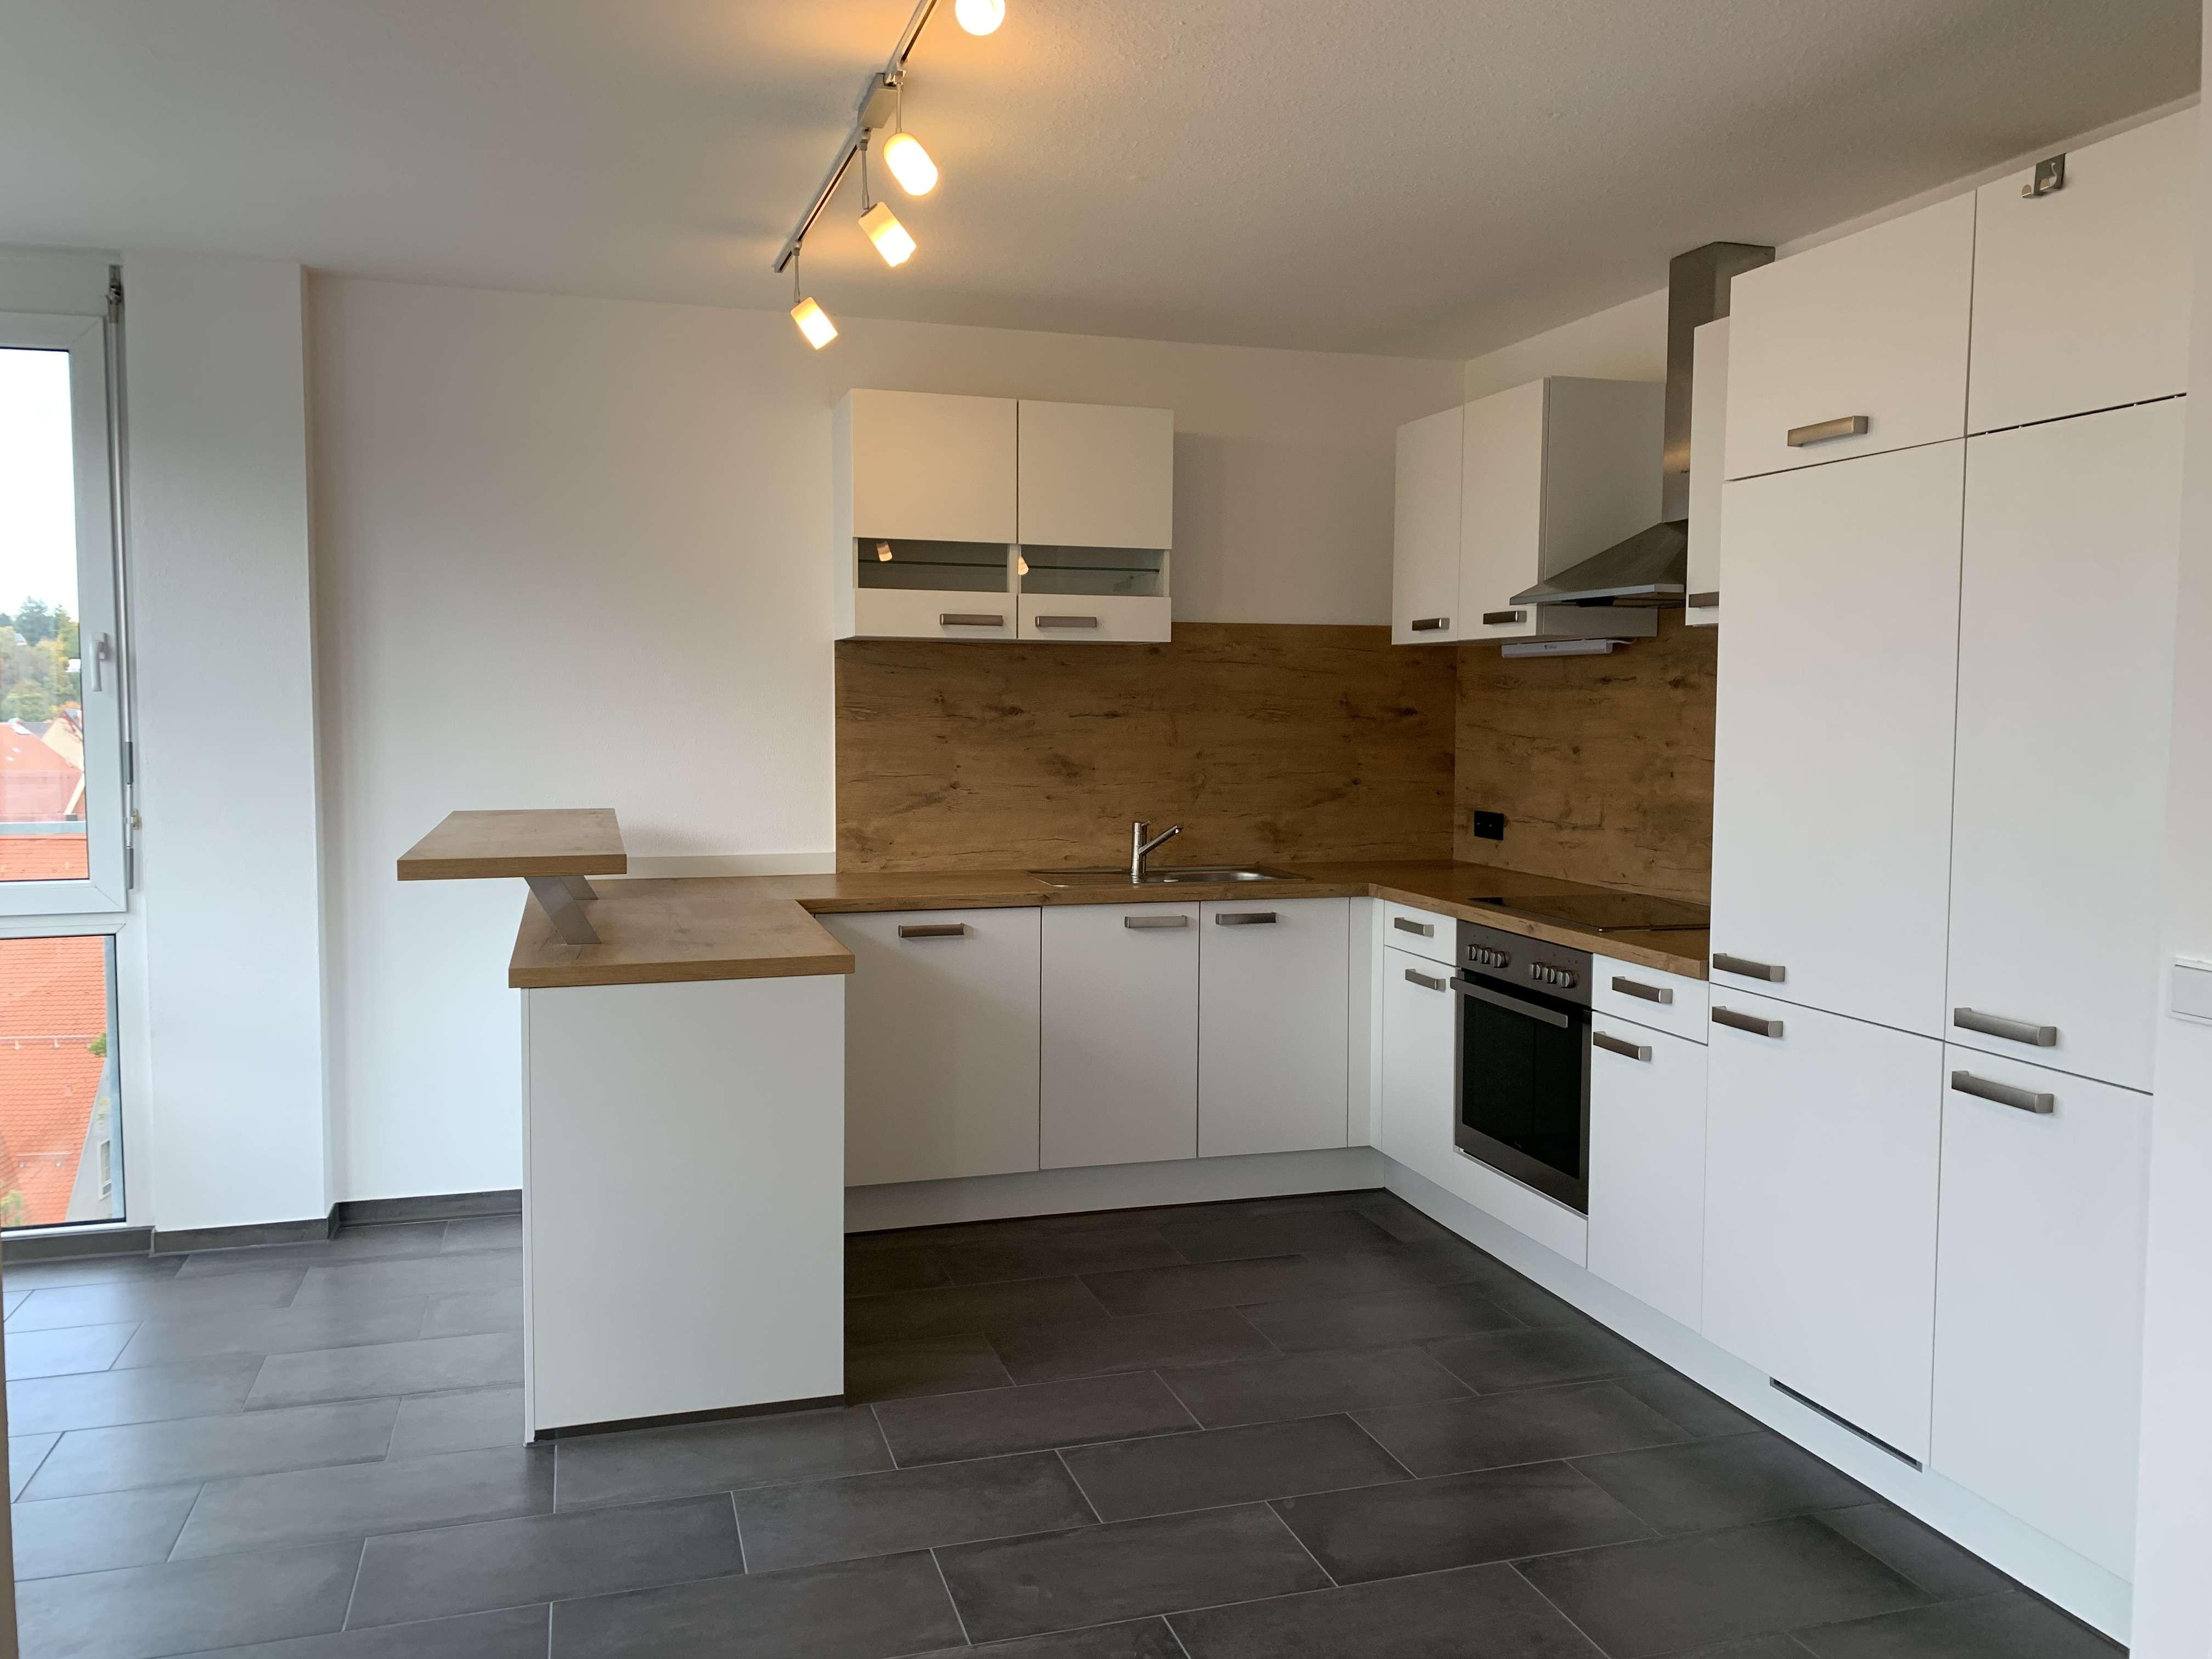 Gepflegte 2-Zimmer-Wohnung mit EBK in Kempten (Allgäu) in